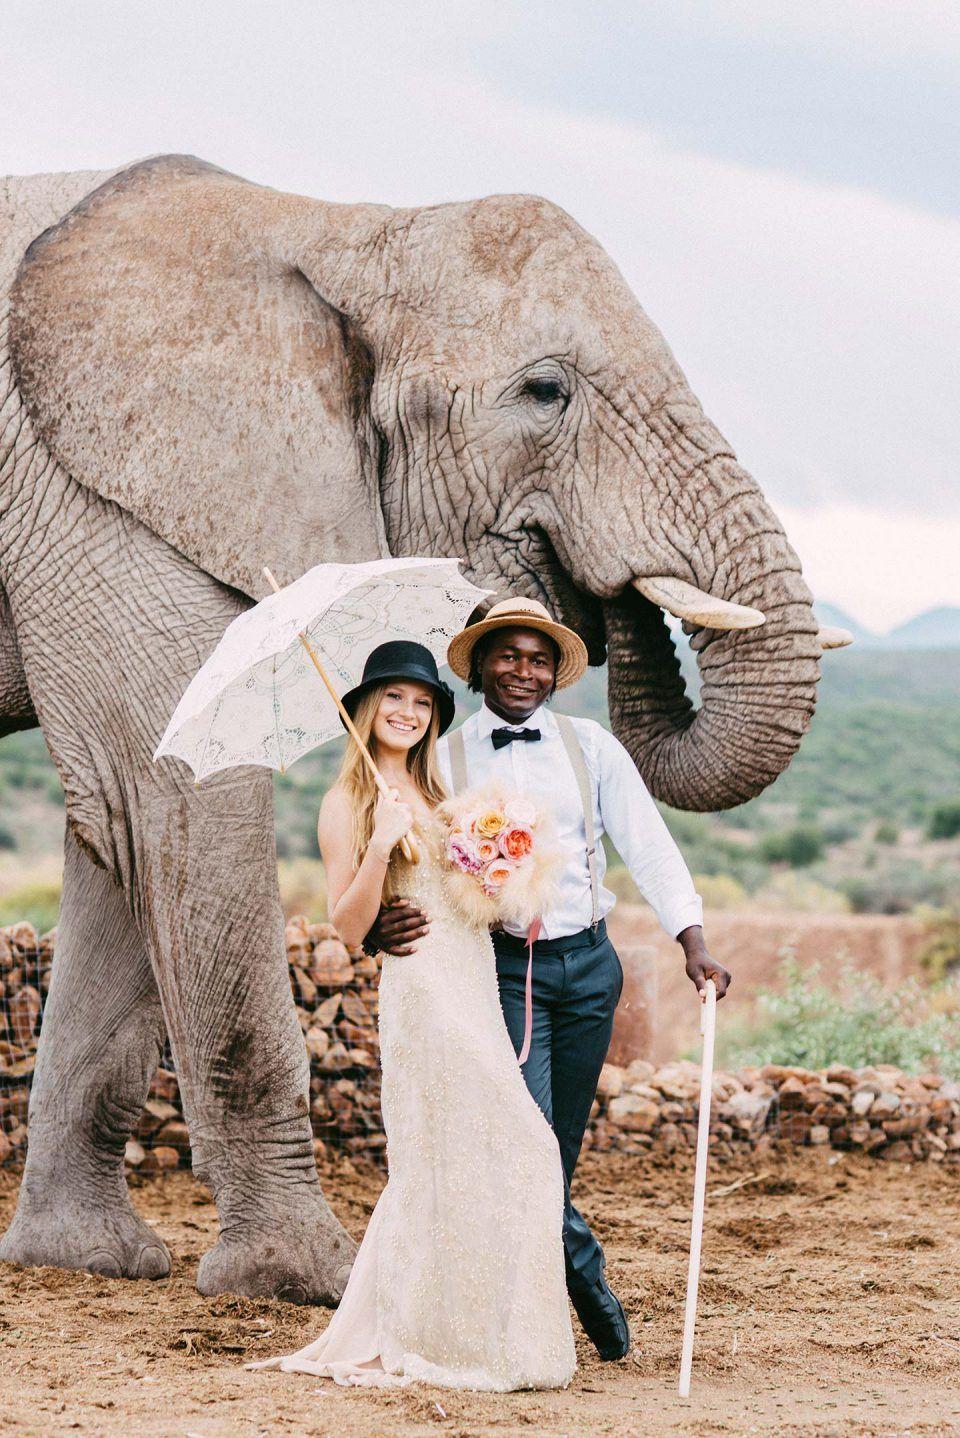 Jenseits Von Afrika Fotografie Schwede Photodesign Jenseits Von Afrika Hochzeit Im Ausland Strandhochzeit